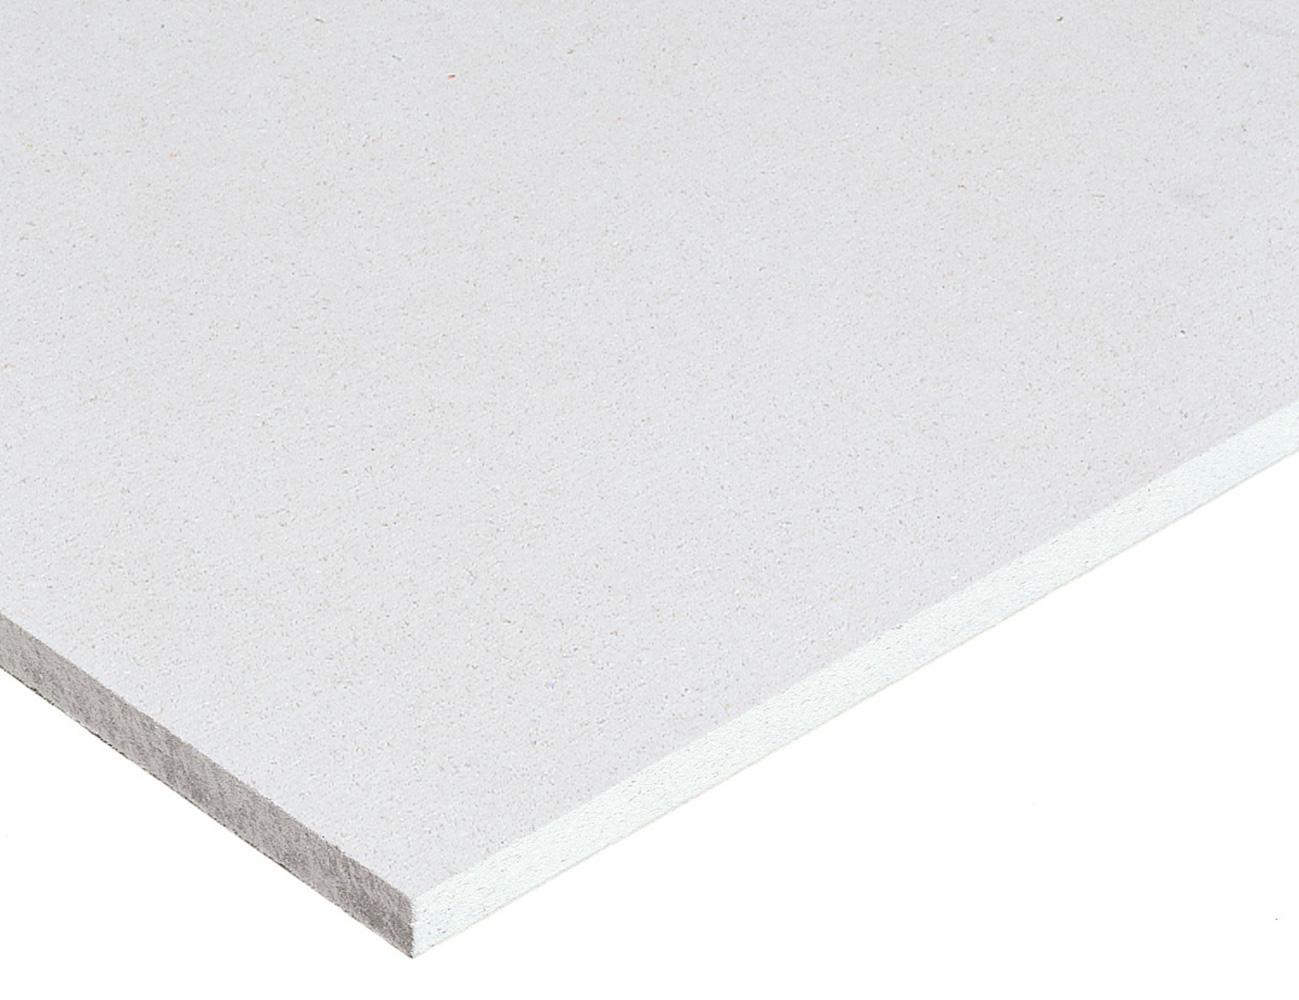 Sádrovláknitá deska Fermacell (2000x1250x10) mm